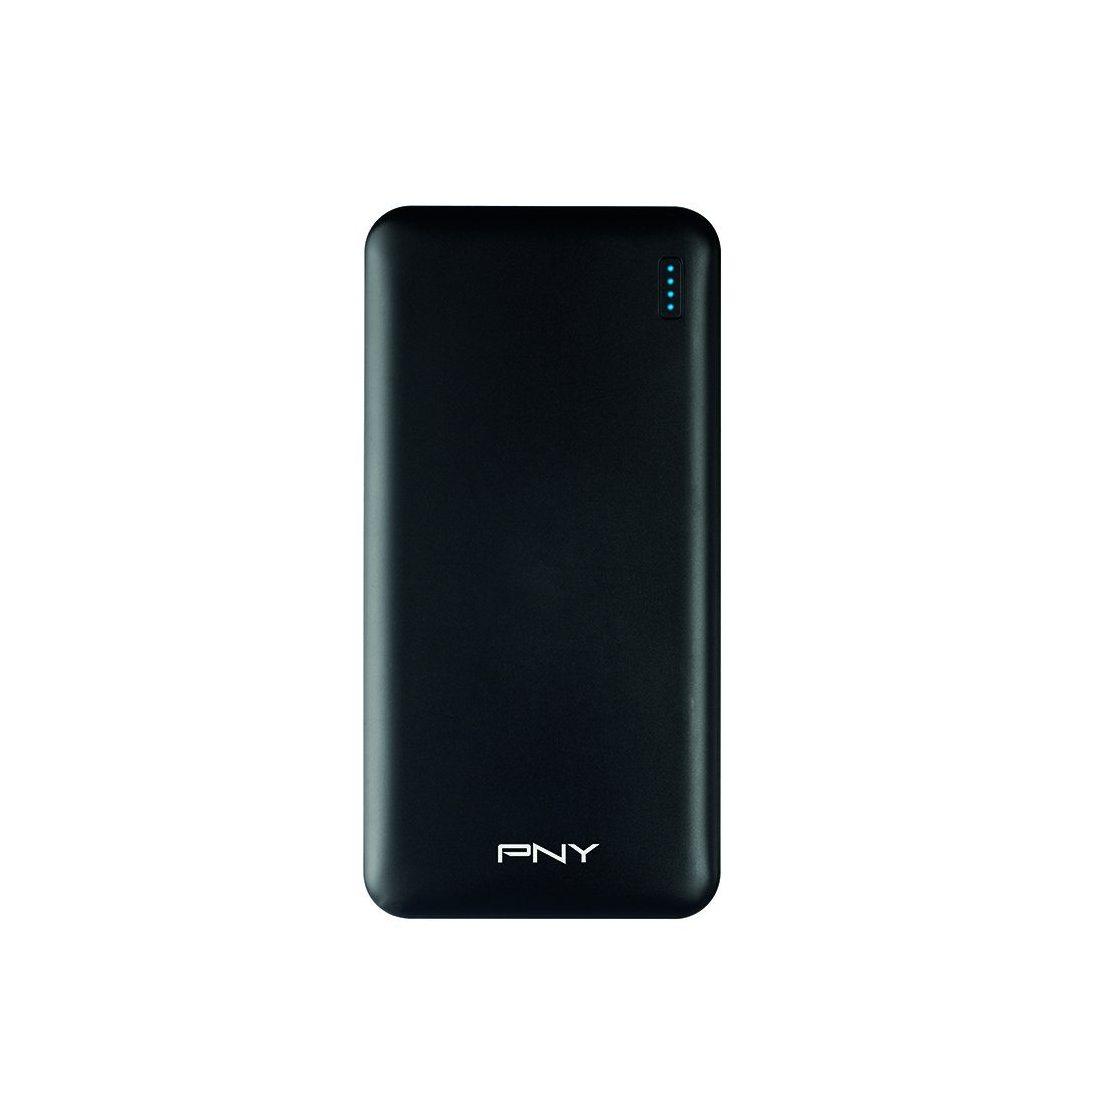 PNY P-B20000-14SLMK01-RB Batterie de secours pour Smartphone 20000 mAh Noir